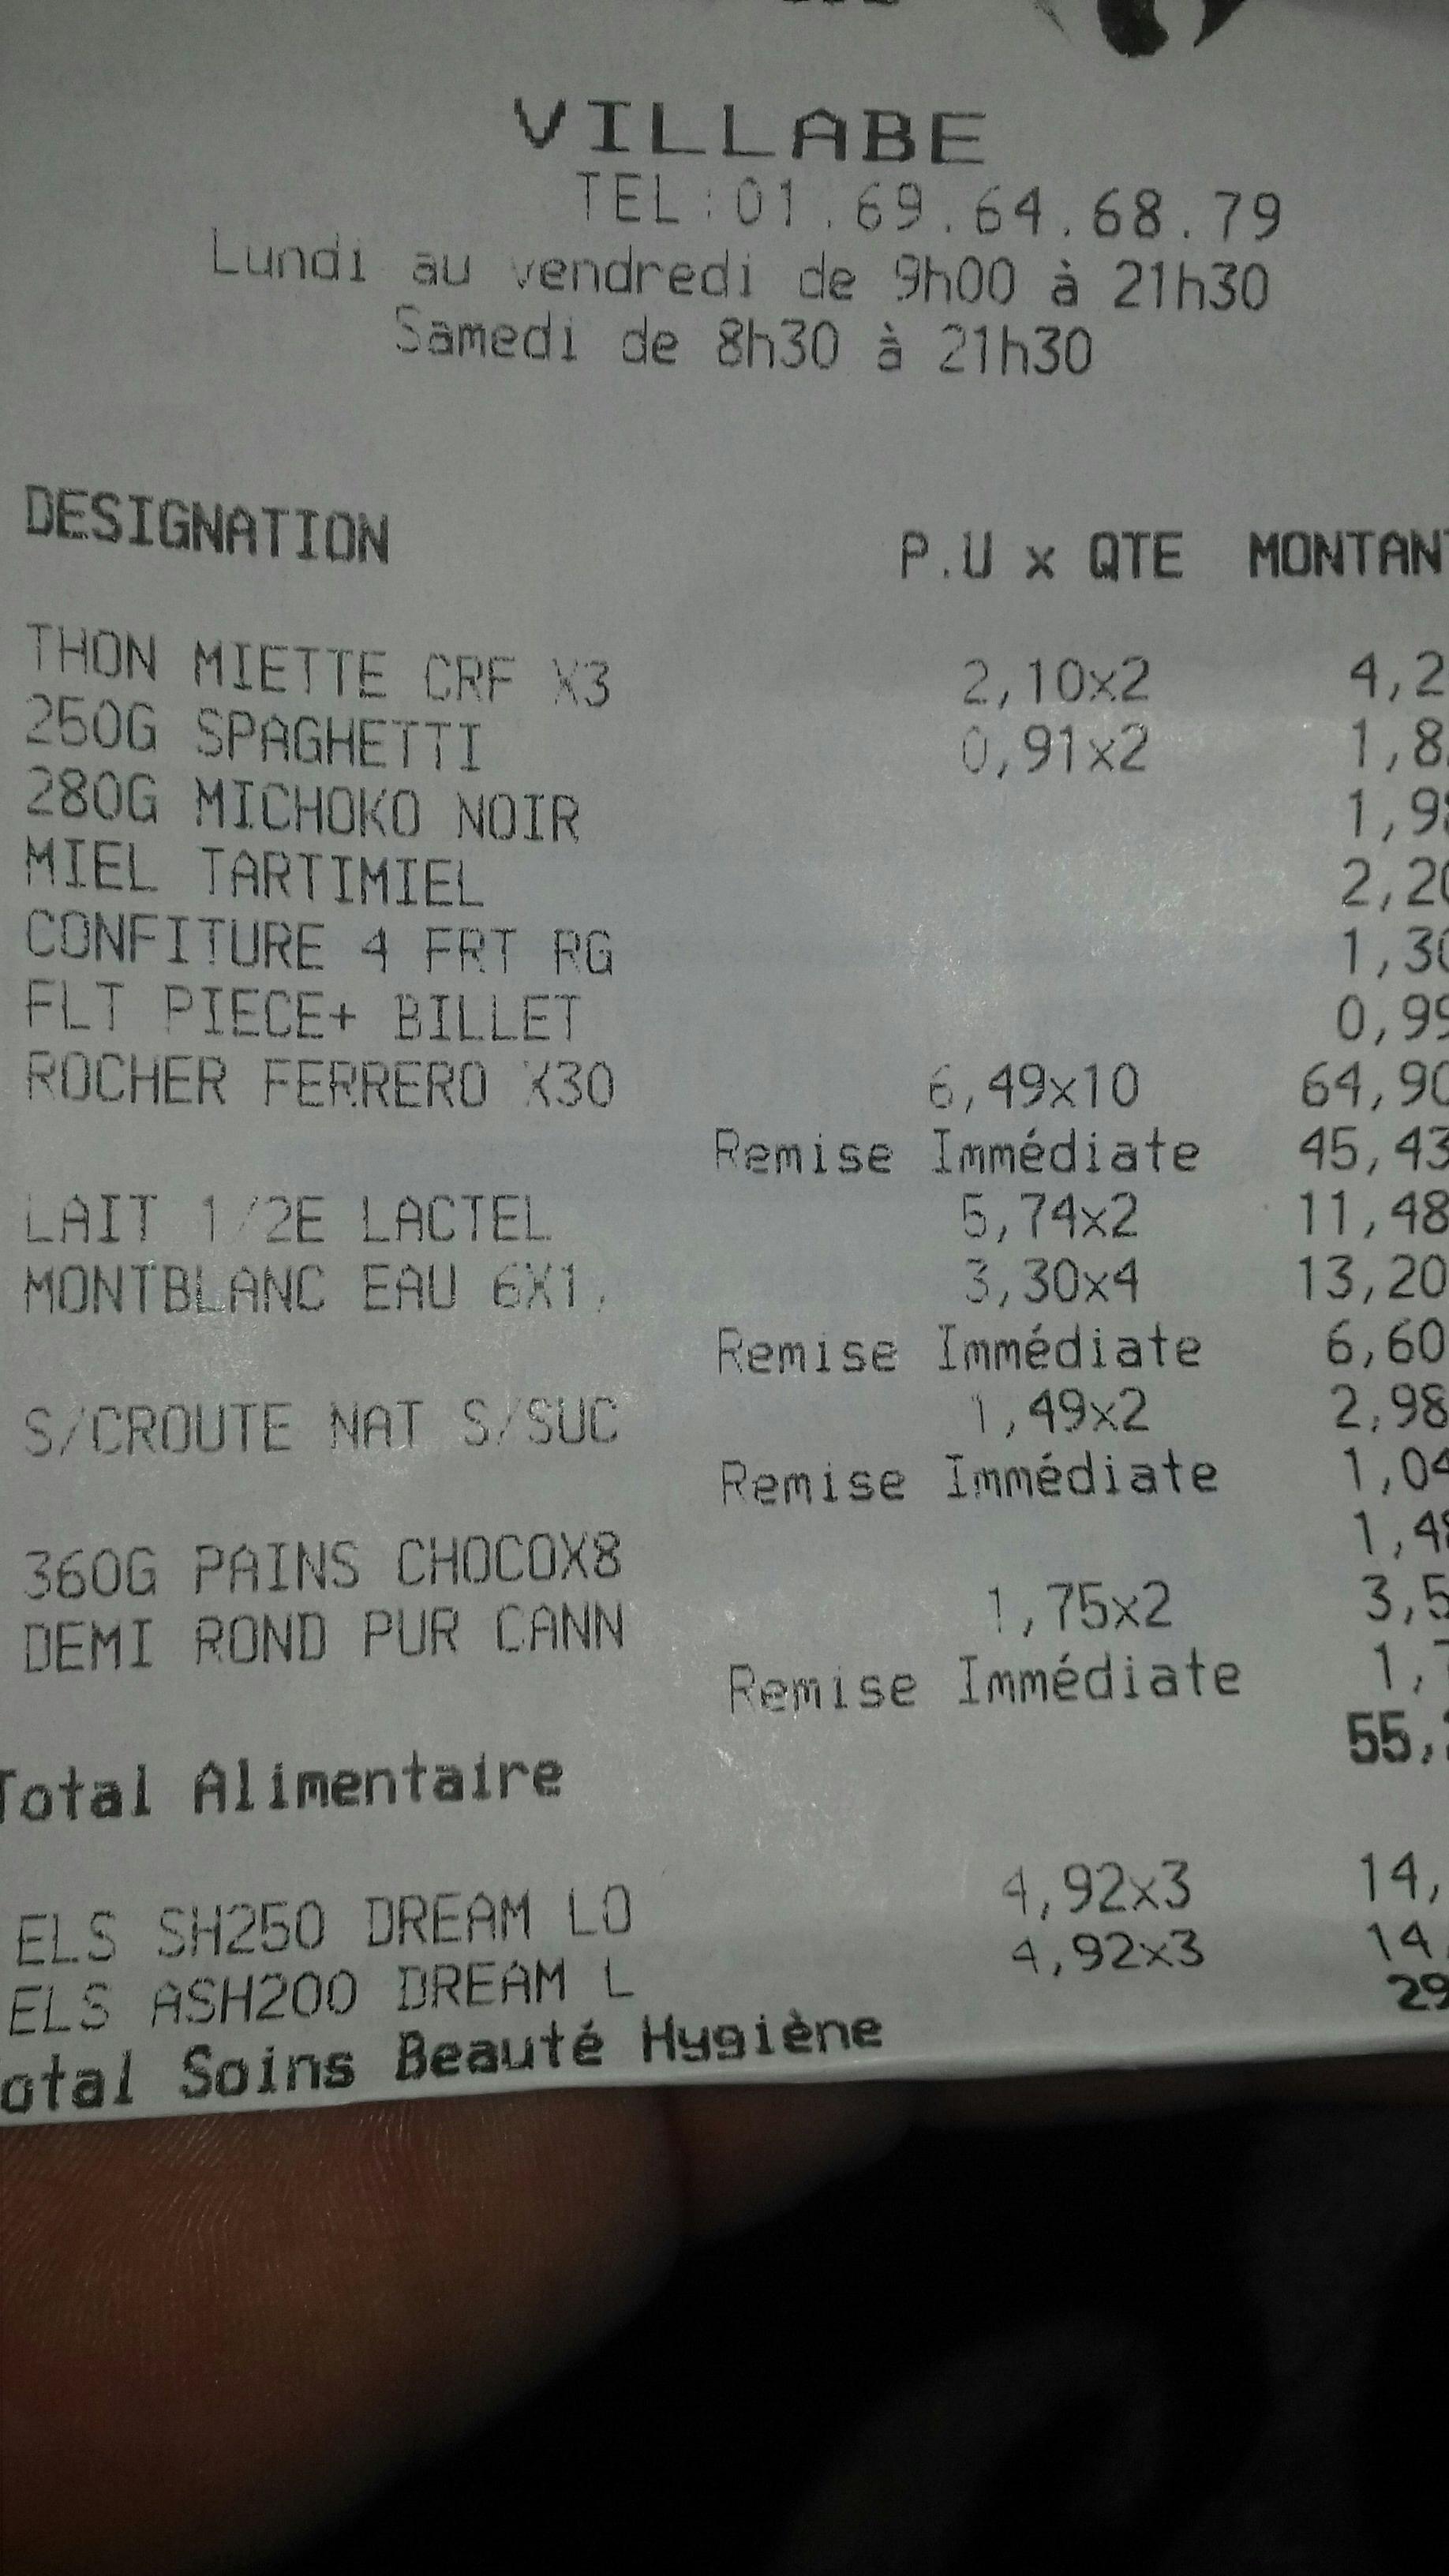 Boîte de Ferrero Rocher x30 - Villabe (91)